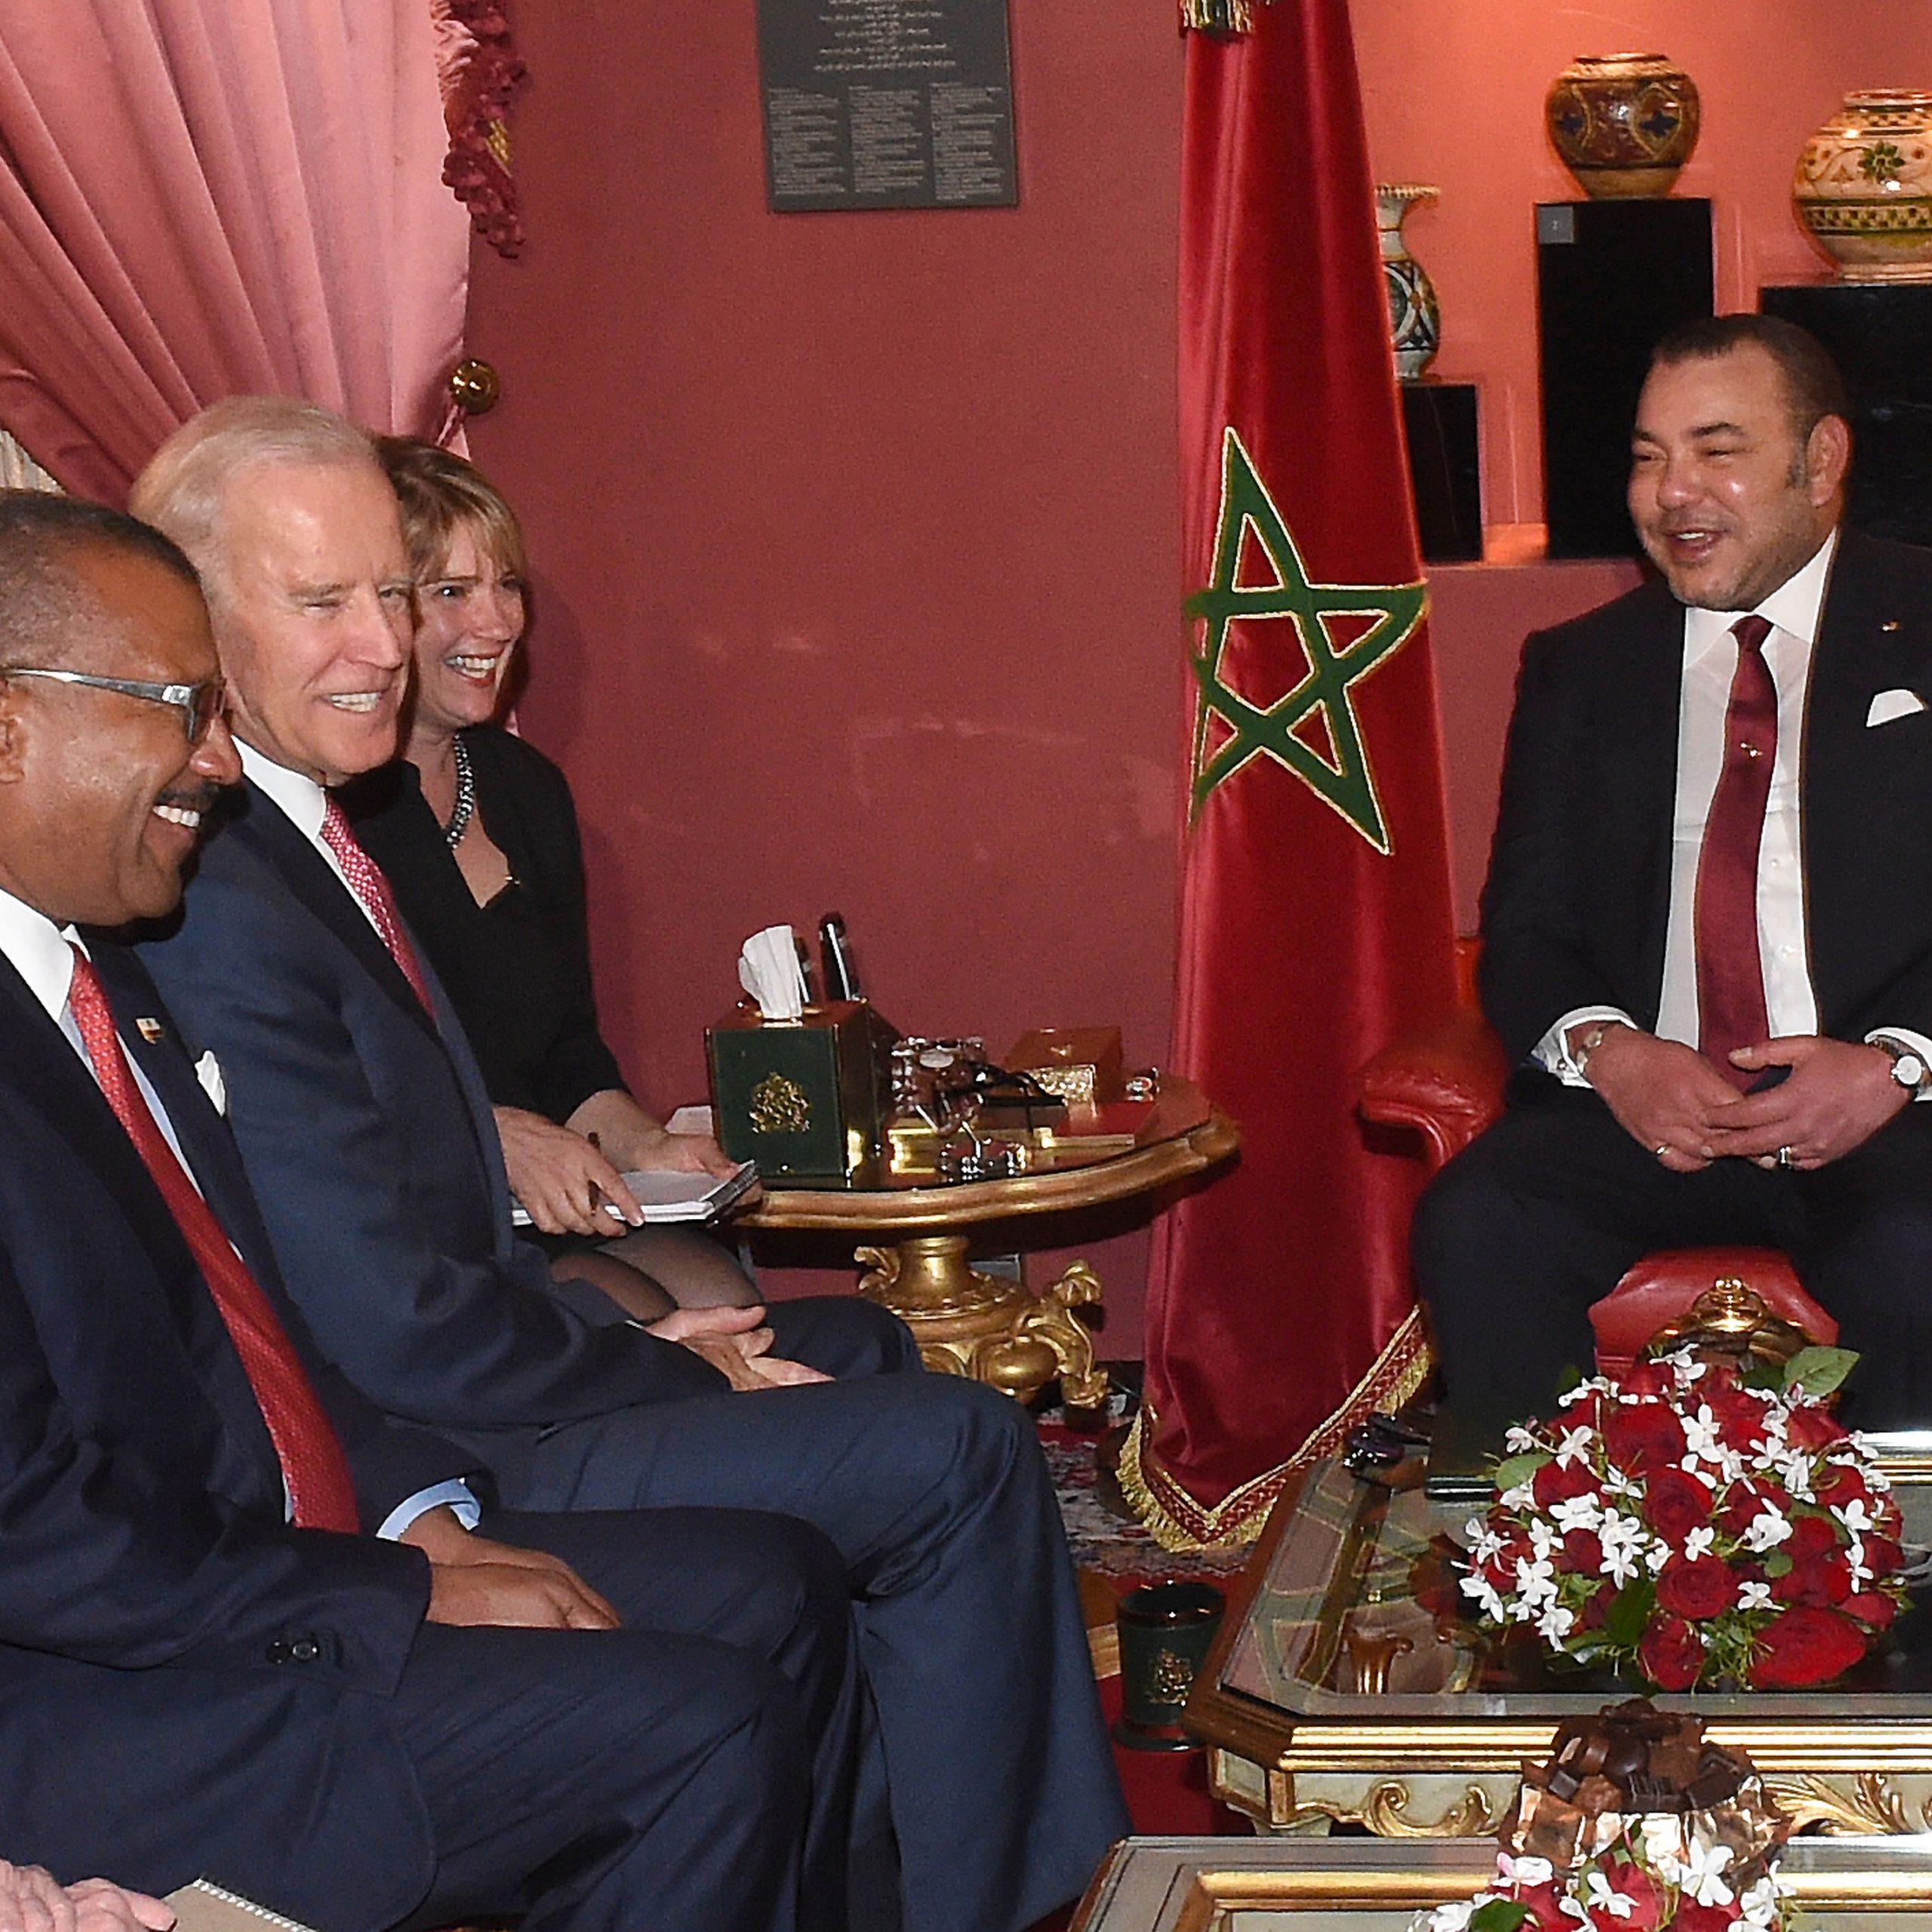 أستاذ باحث يكشف.. لماذا لم يهنئ المغرب الرئيس الأمريكي الجديد؟